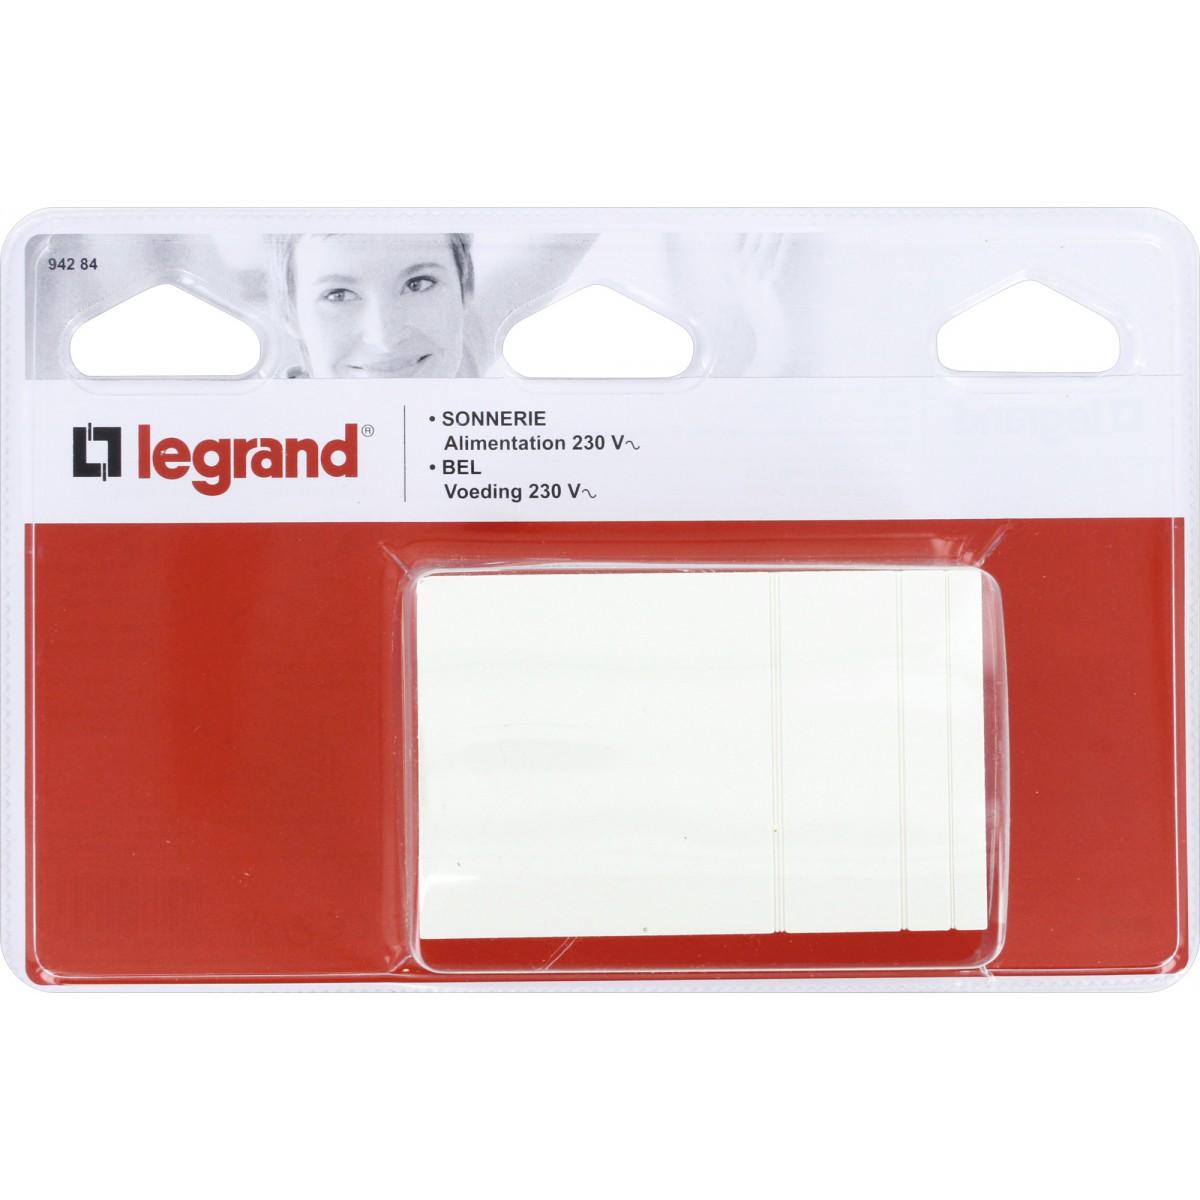 Sonnerie à timbre sans transformateur Legrand - Tension 230 V